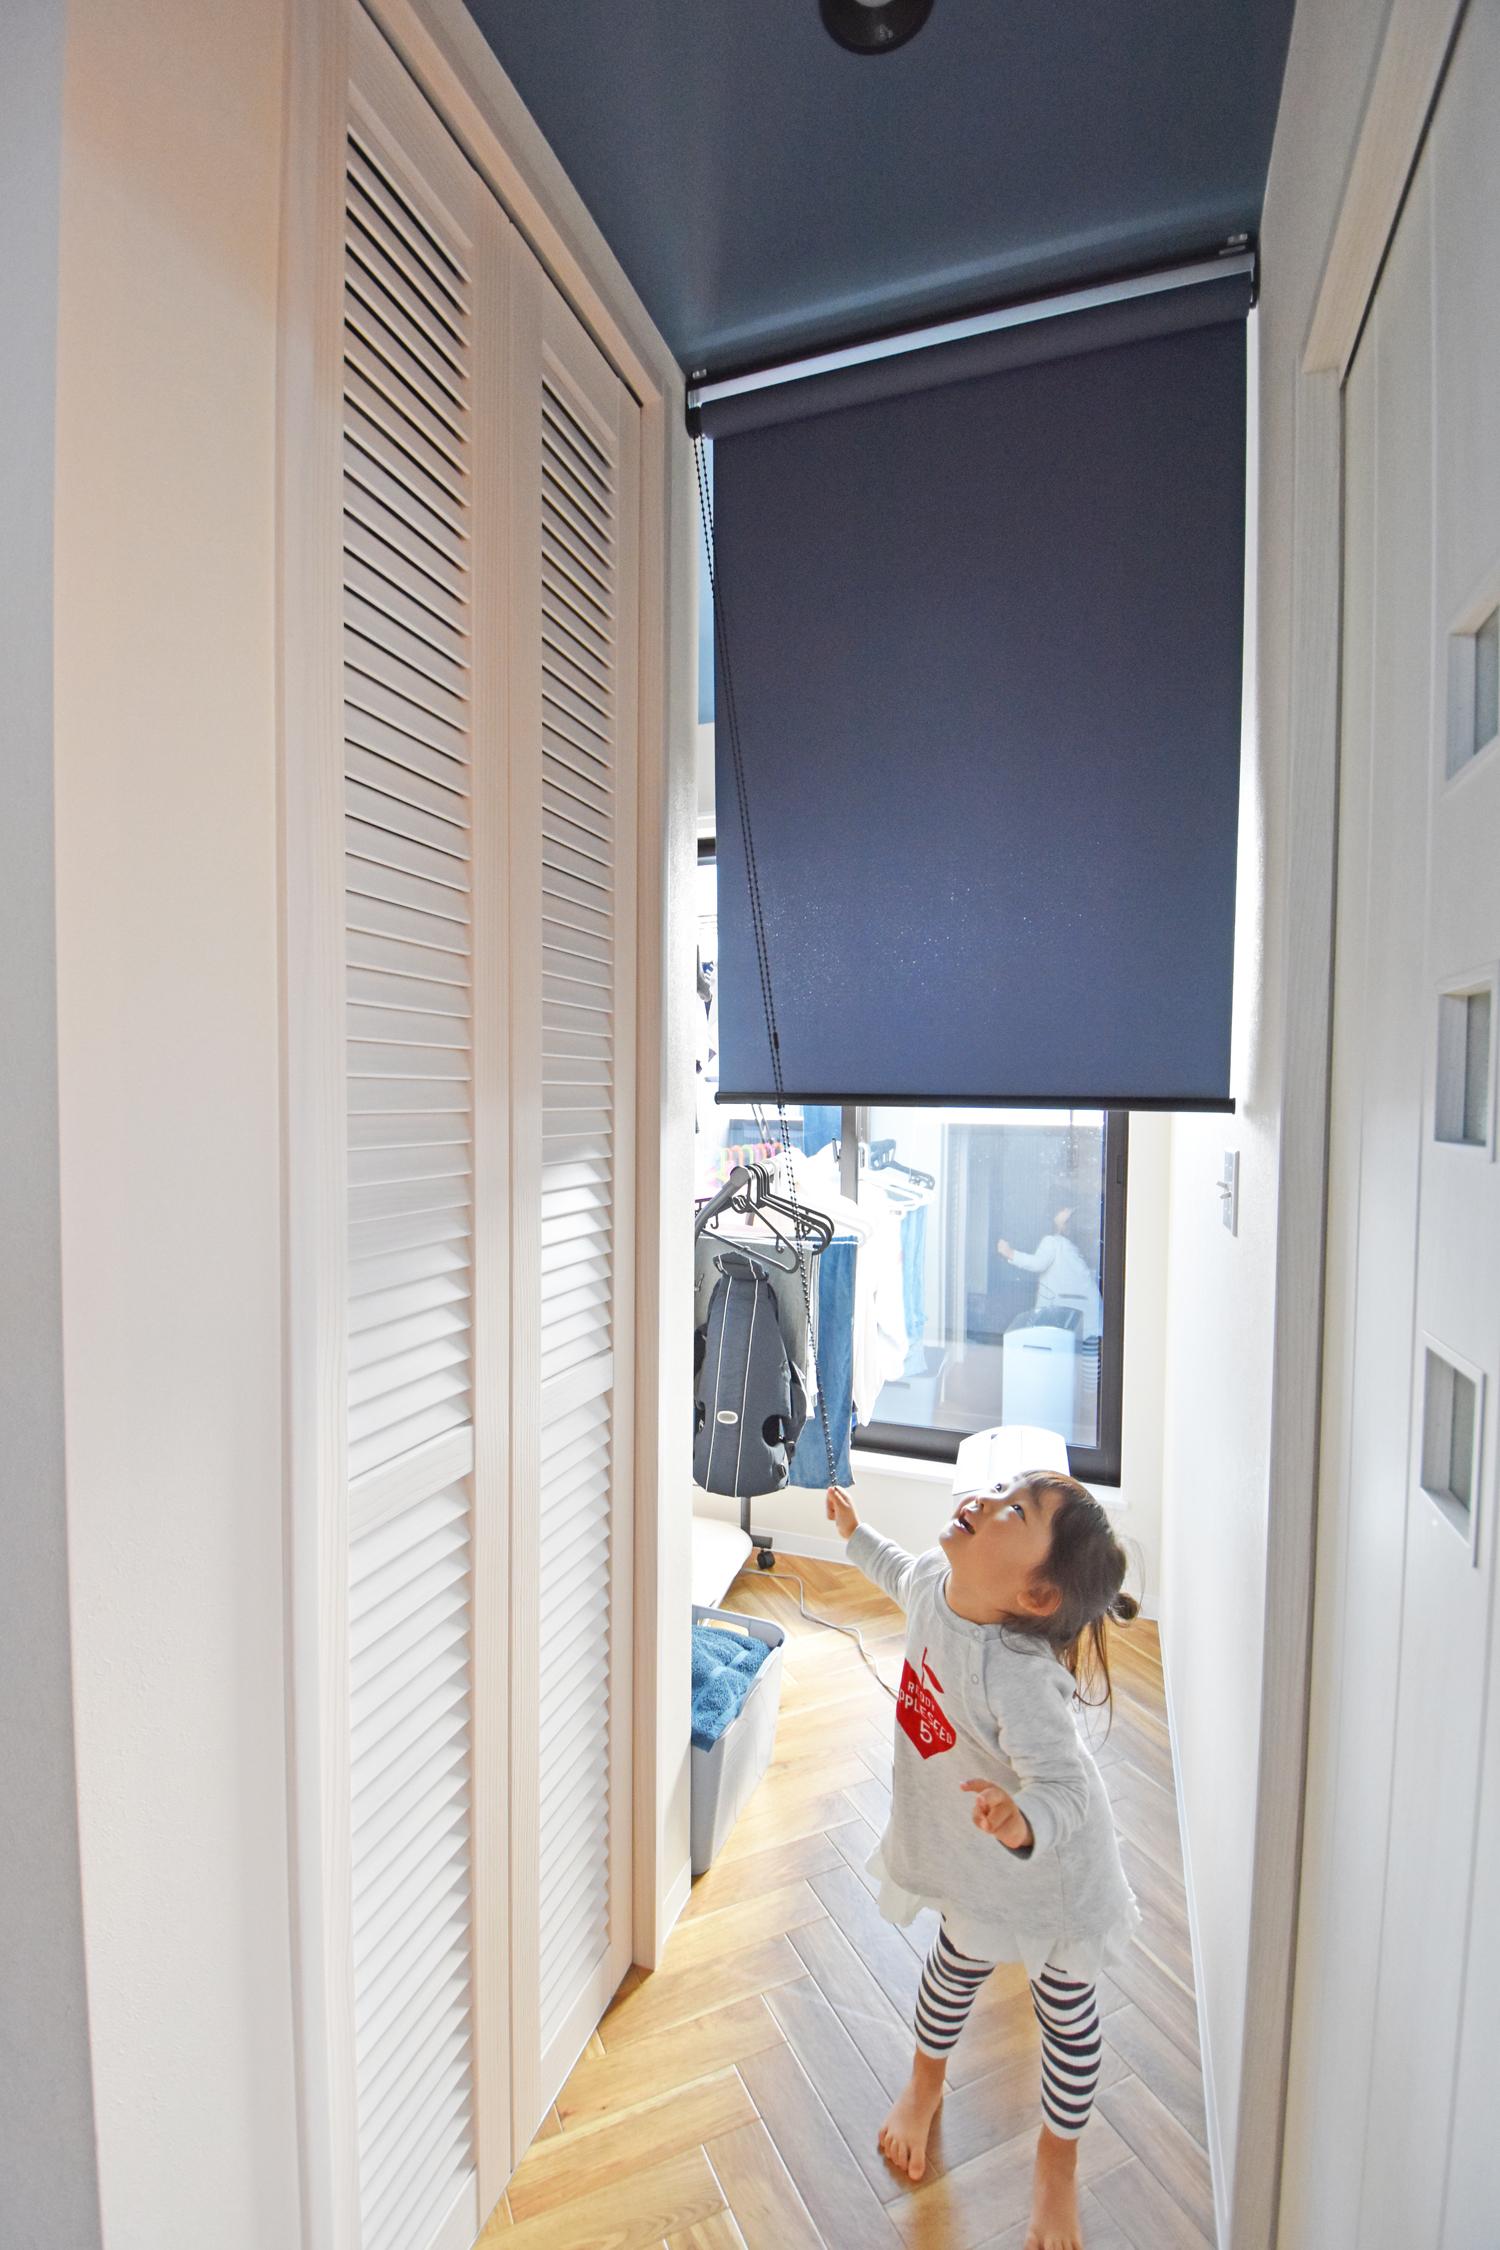 脱衣所から室内物干、バルコニーが一続きに。重たい洗濯物を持っての移動距離が最短で確保されている。